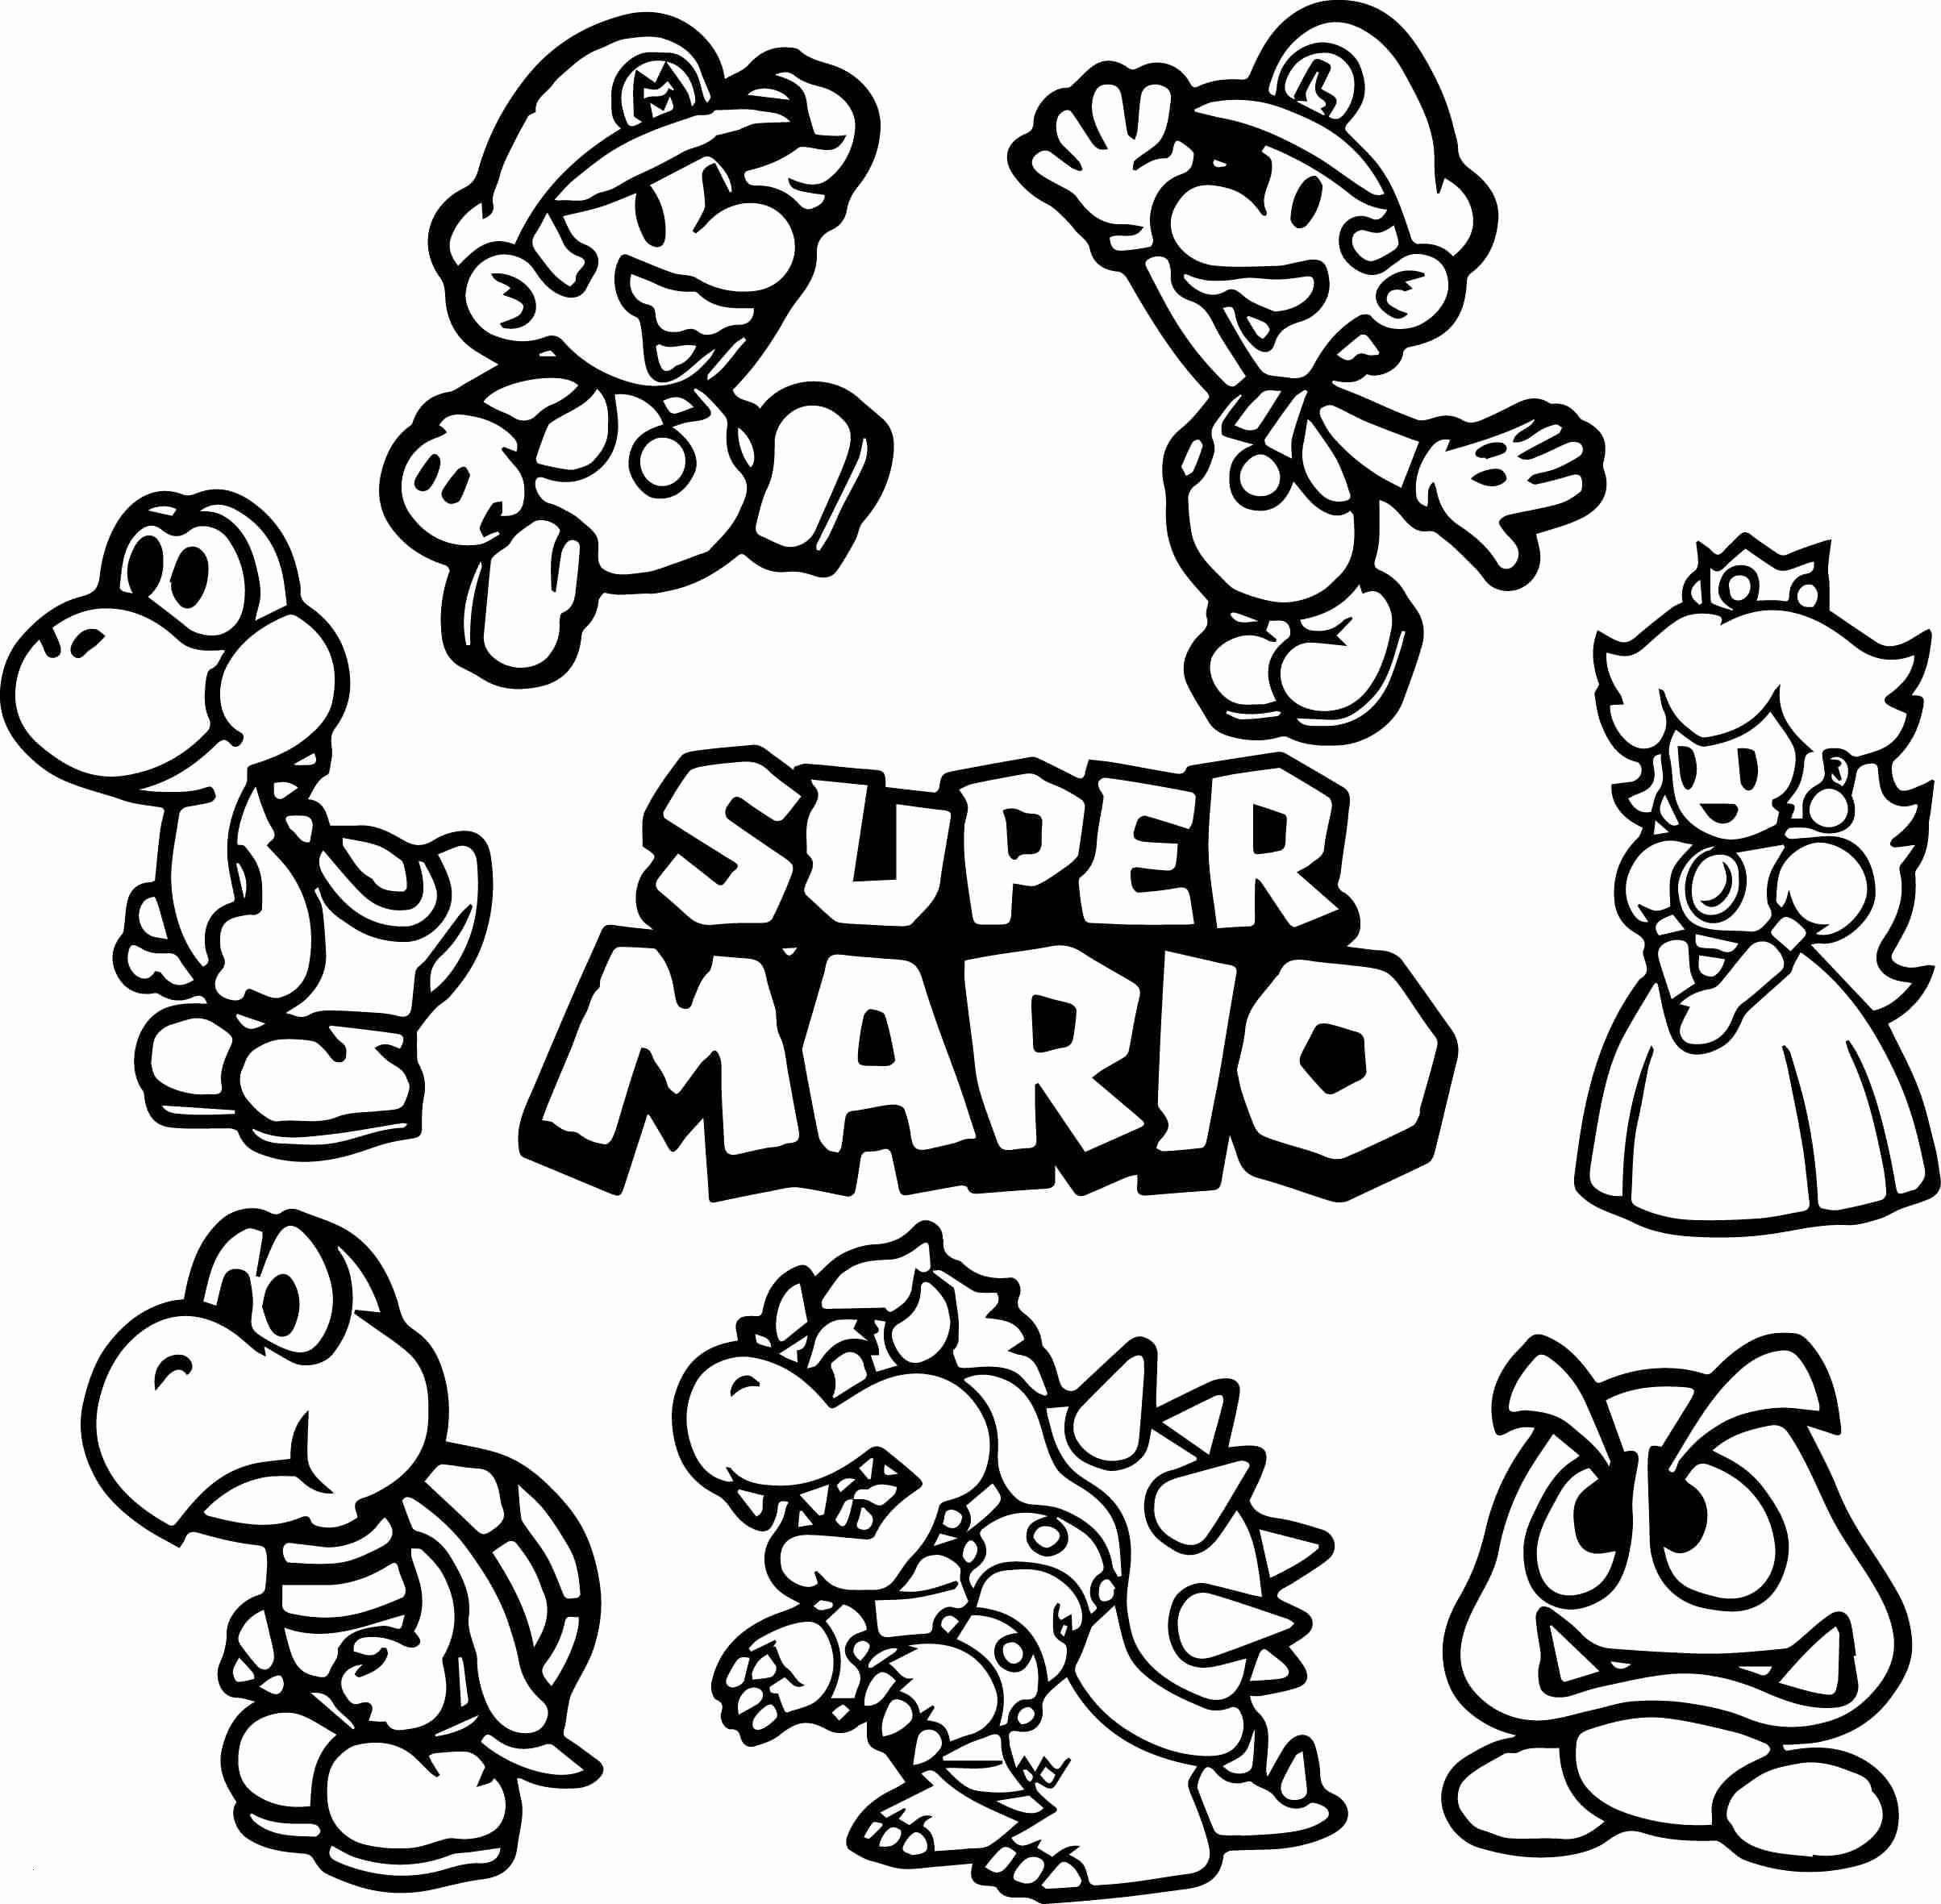 Mario Kart Ausmalbilder Inspirierend 50 Neu Mario Kart Ausmalbilder Zum Ausdrucken Beste Malvorlage Fotografieren